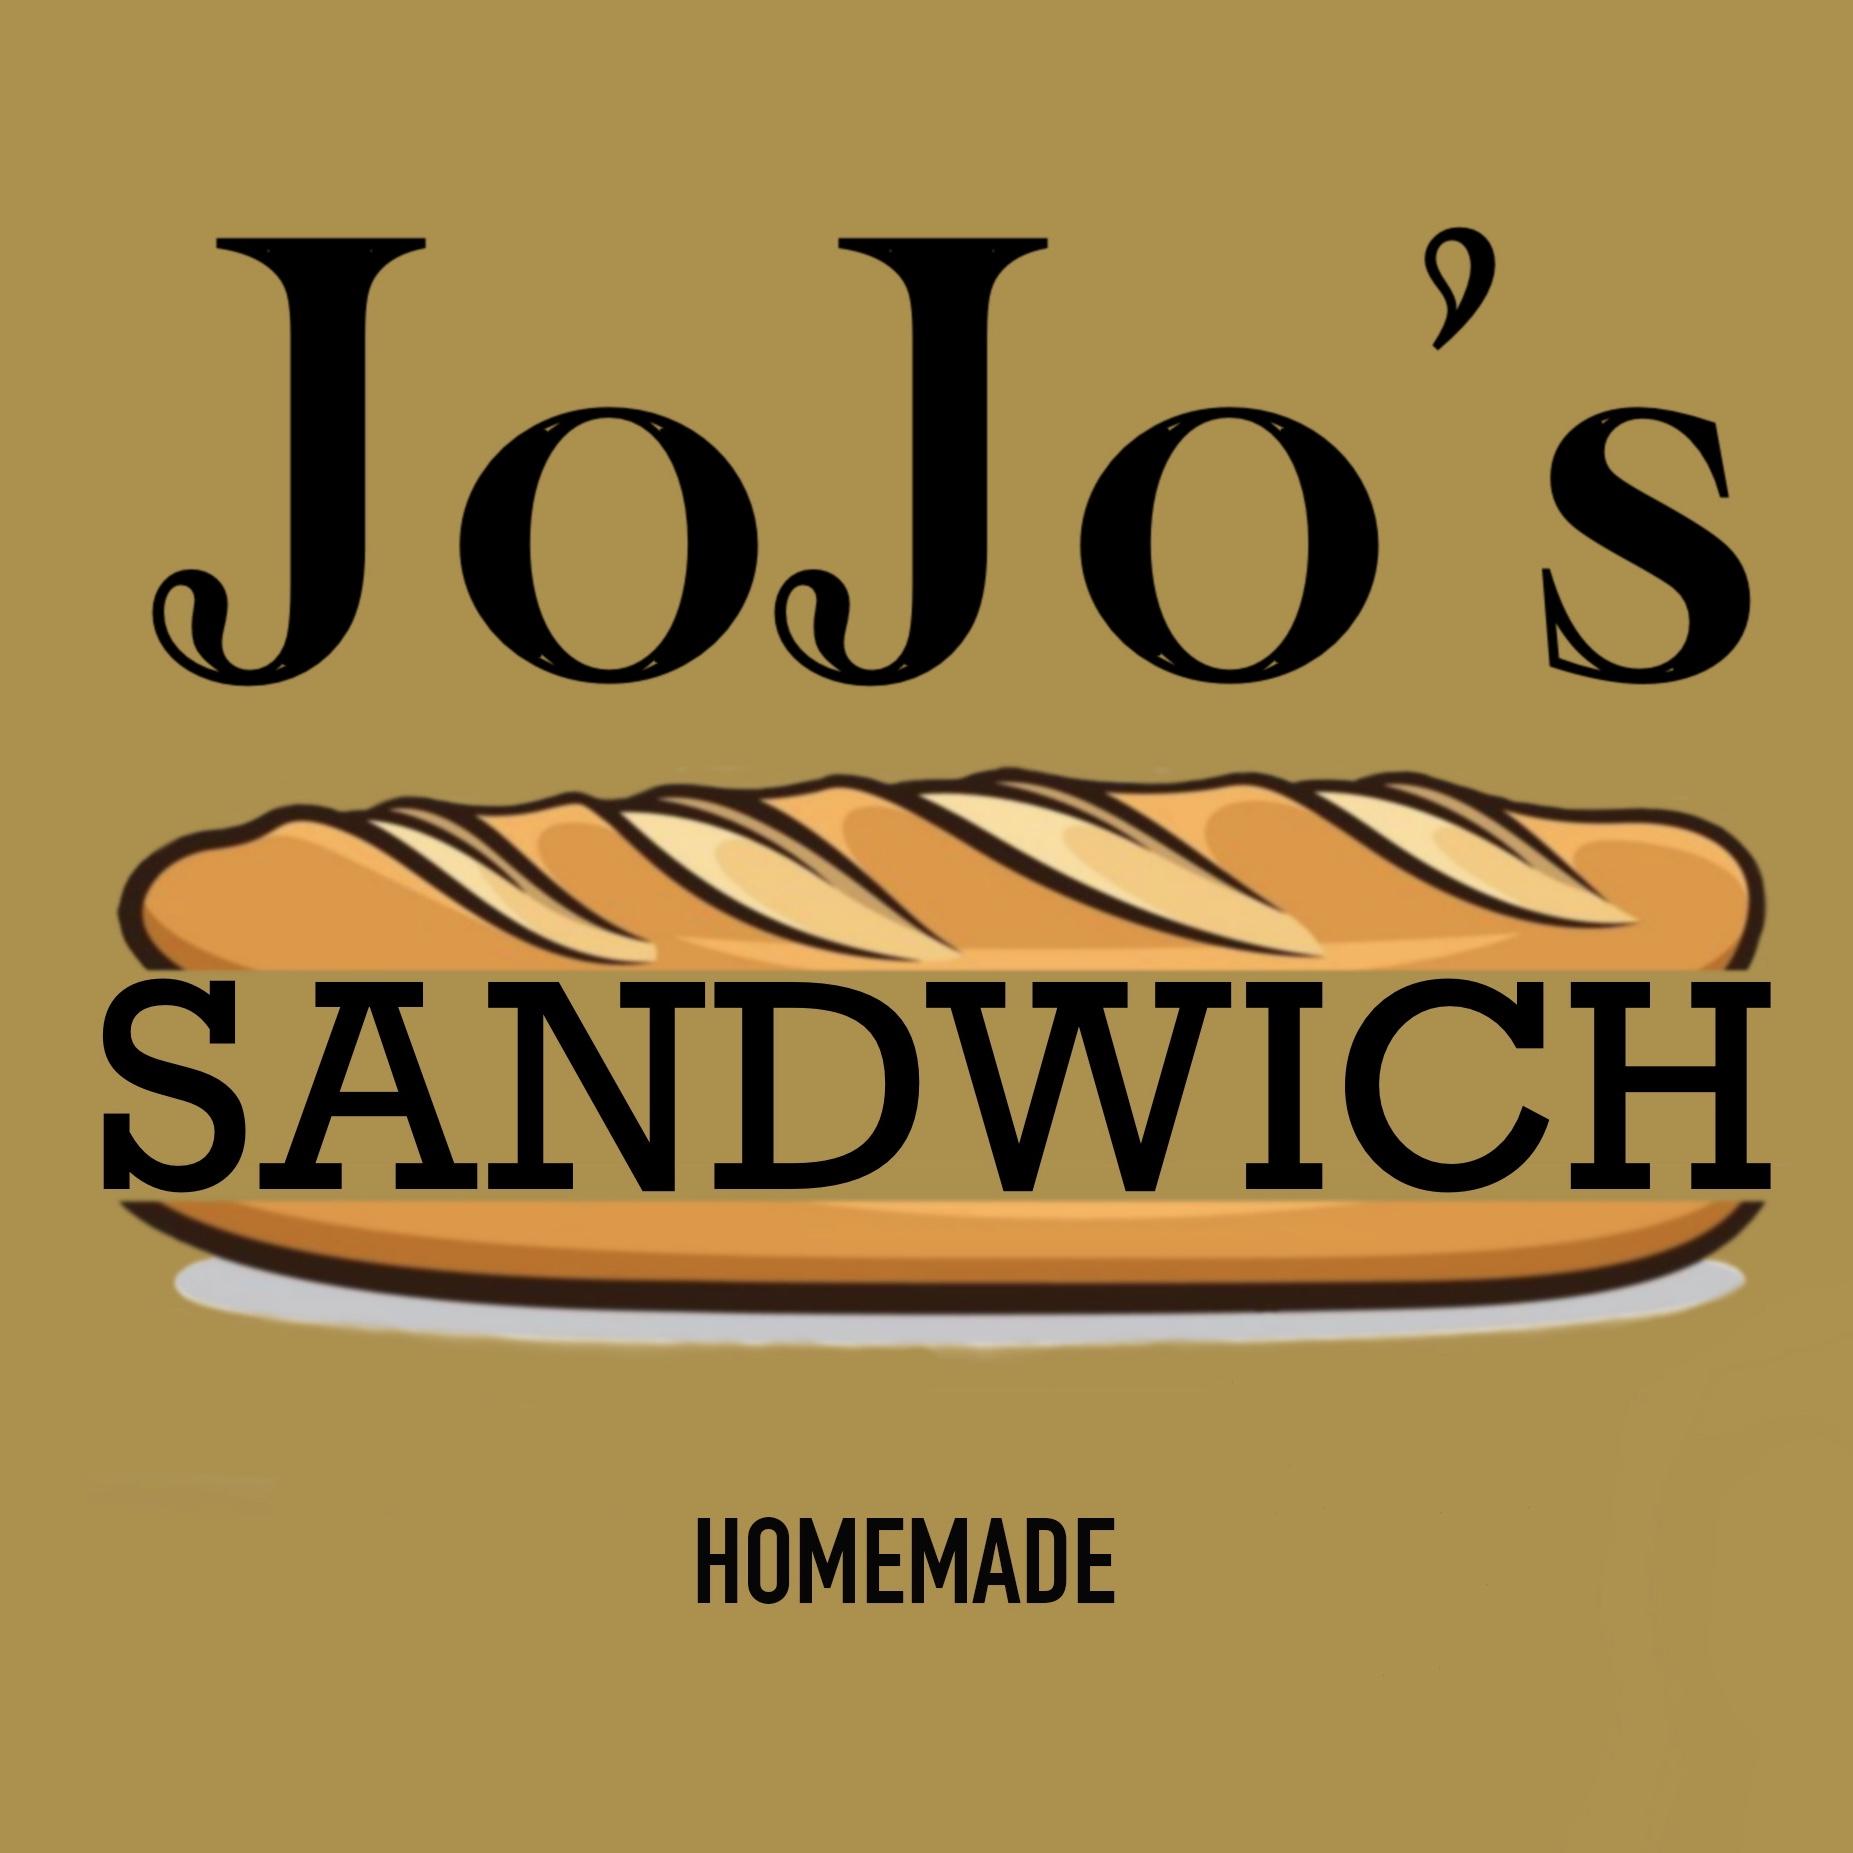 JoJo's Sandwich